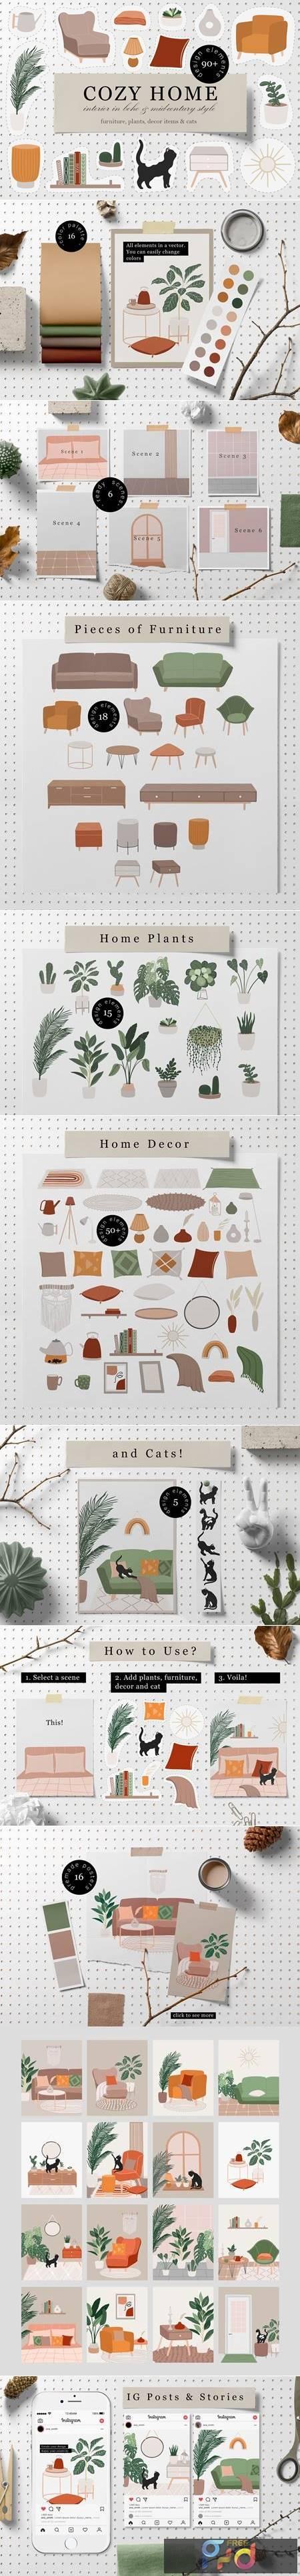 Cozy Home Decor Collection 5550251 1